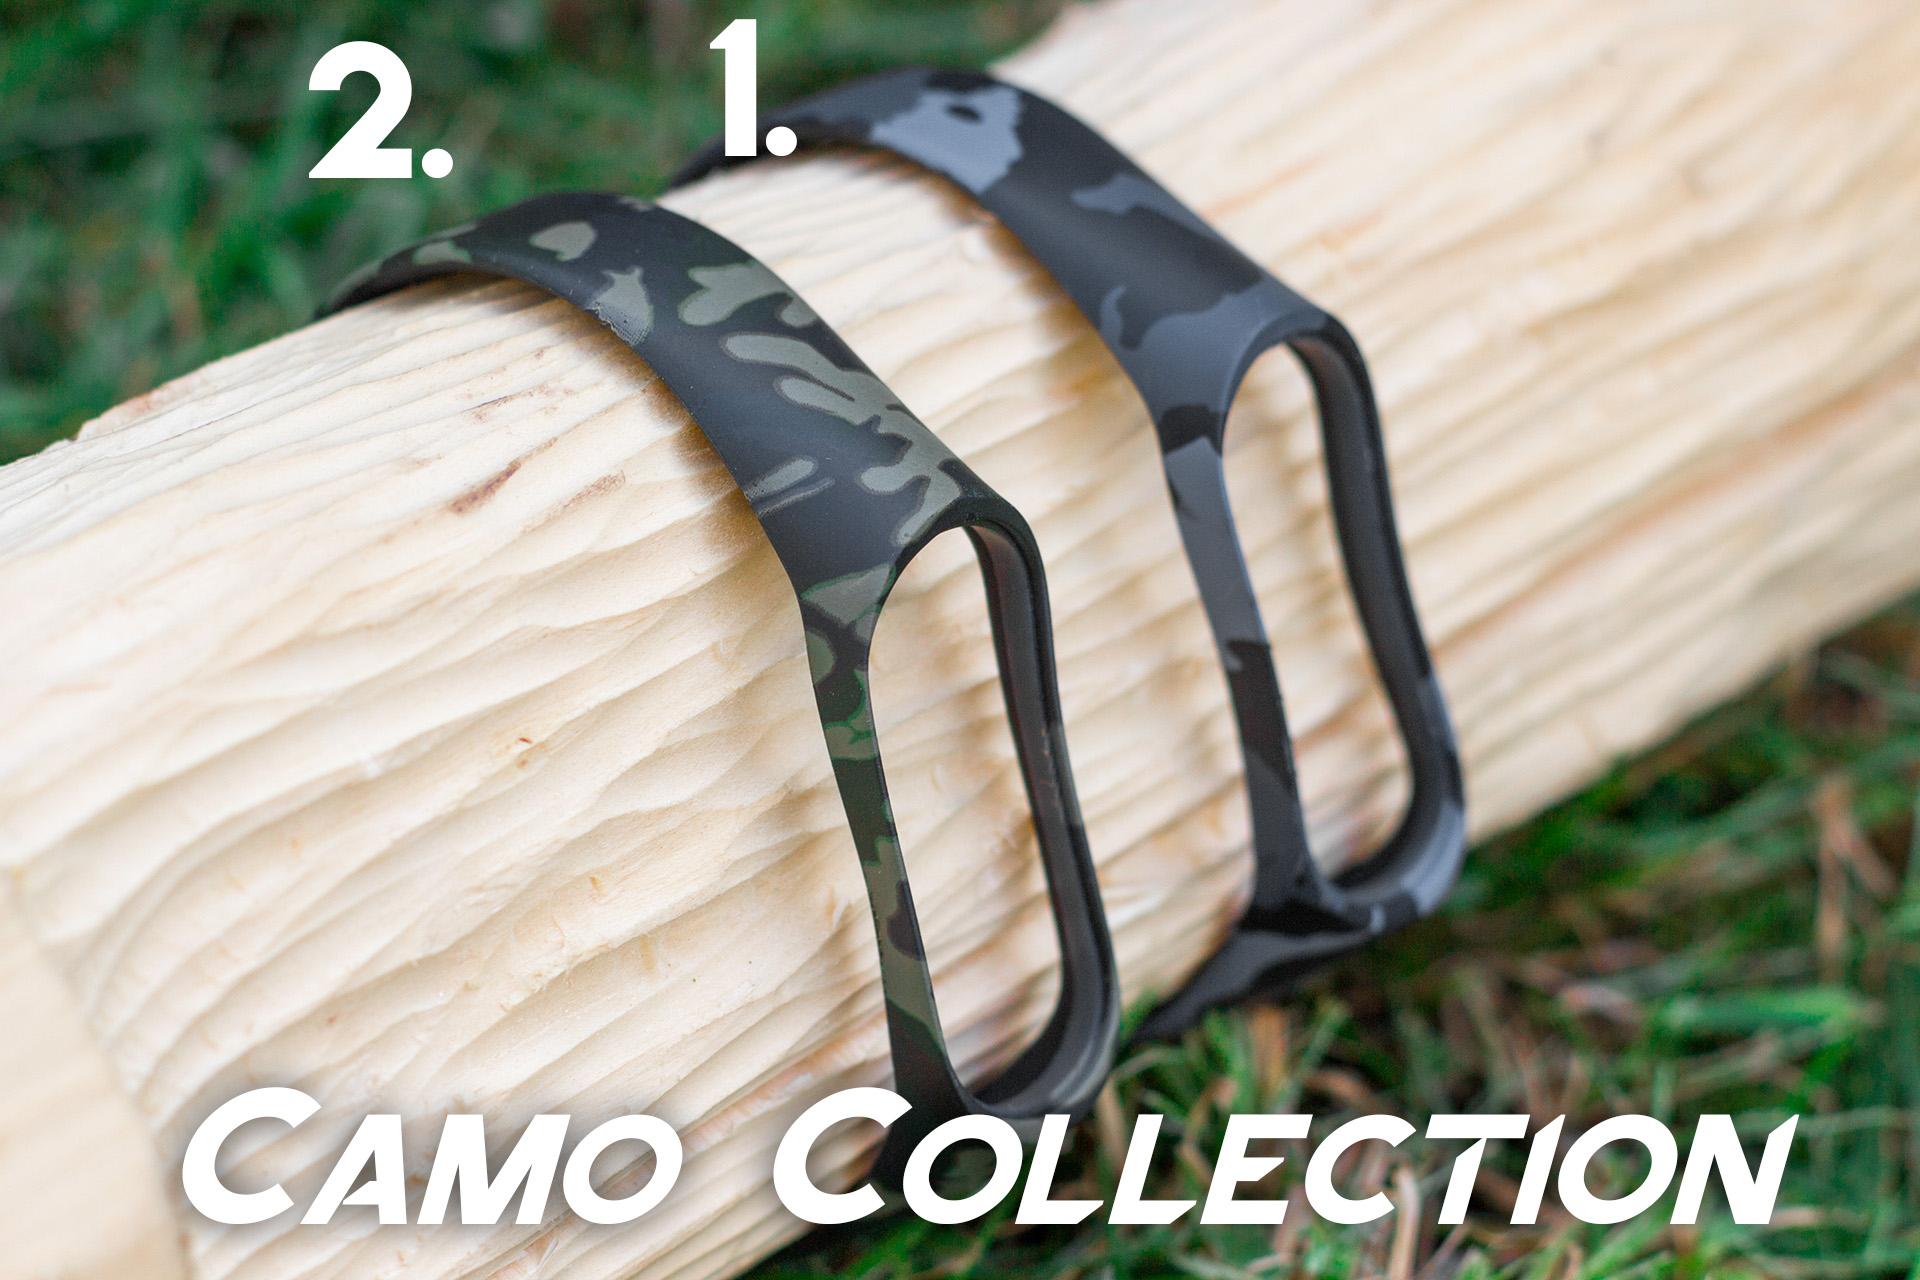 Mi Band 3 szilikon pánt - Camo 1